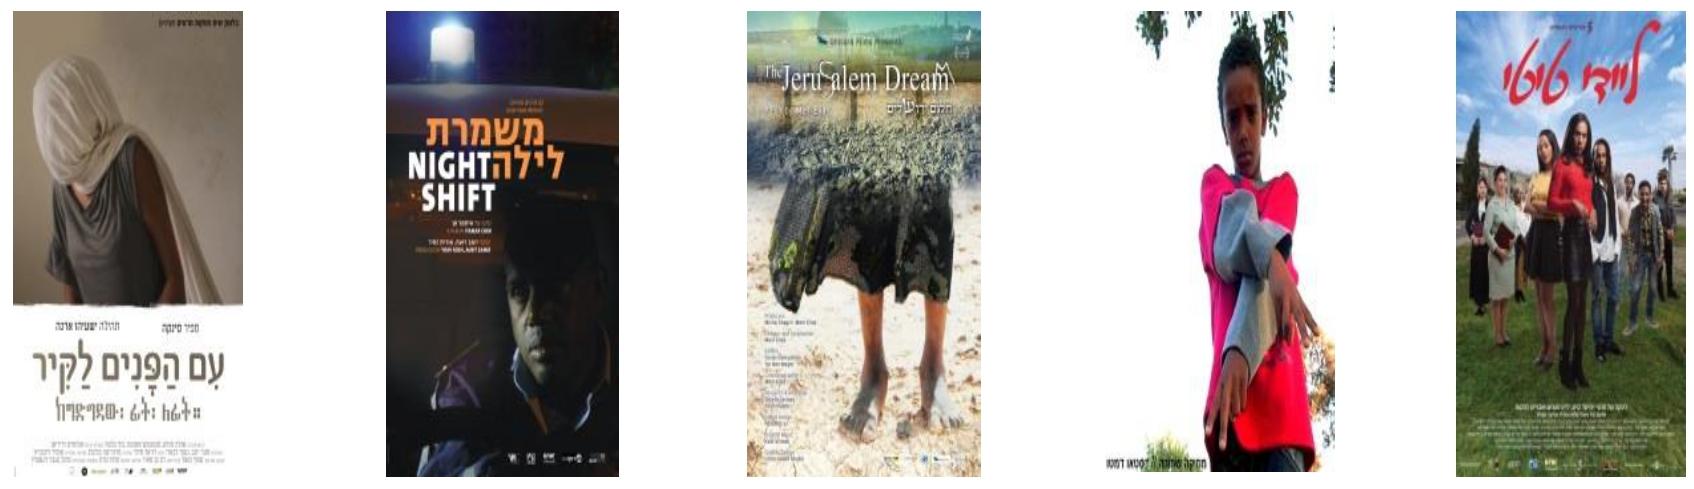 סרטי הקרן העוסקים בקהילה האתיופית